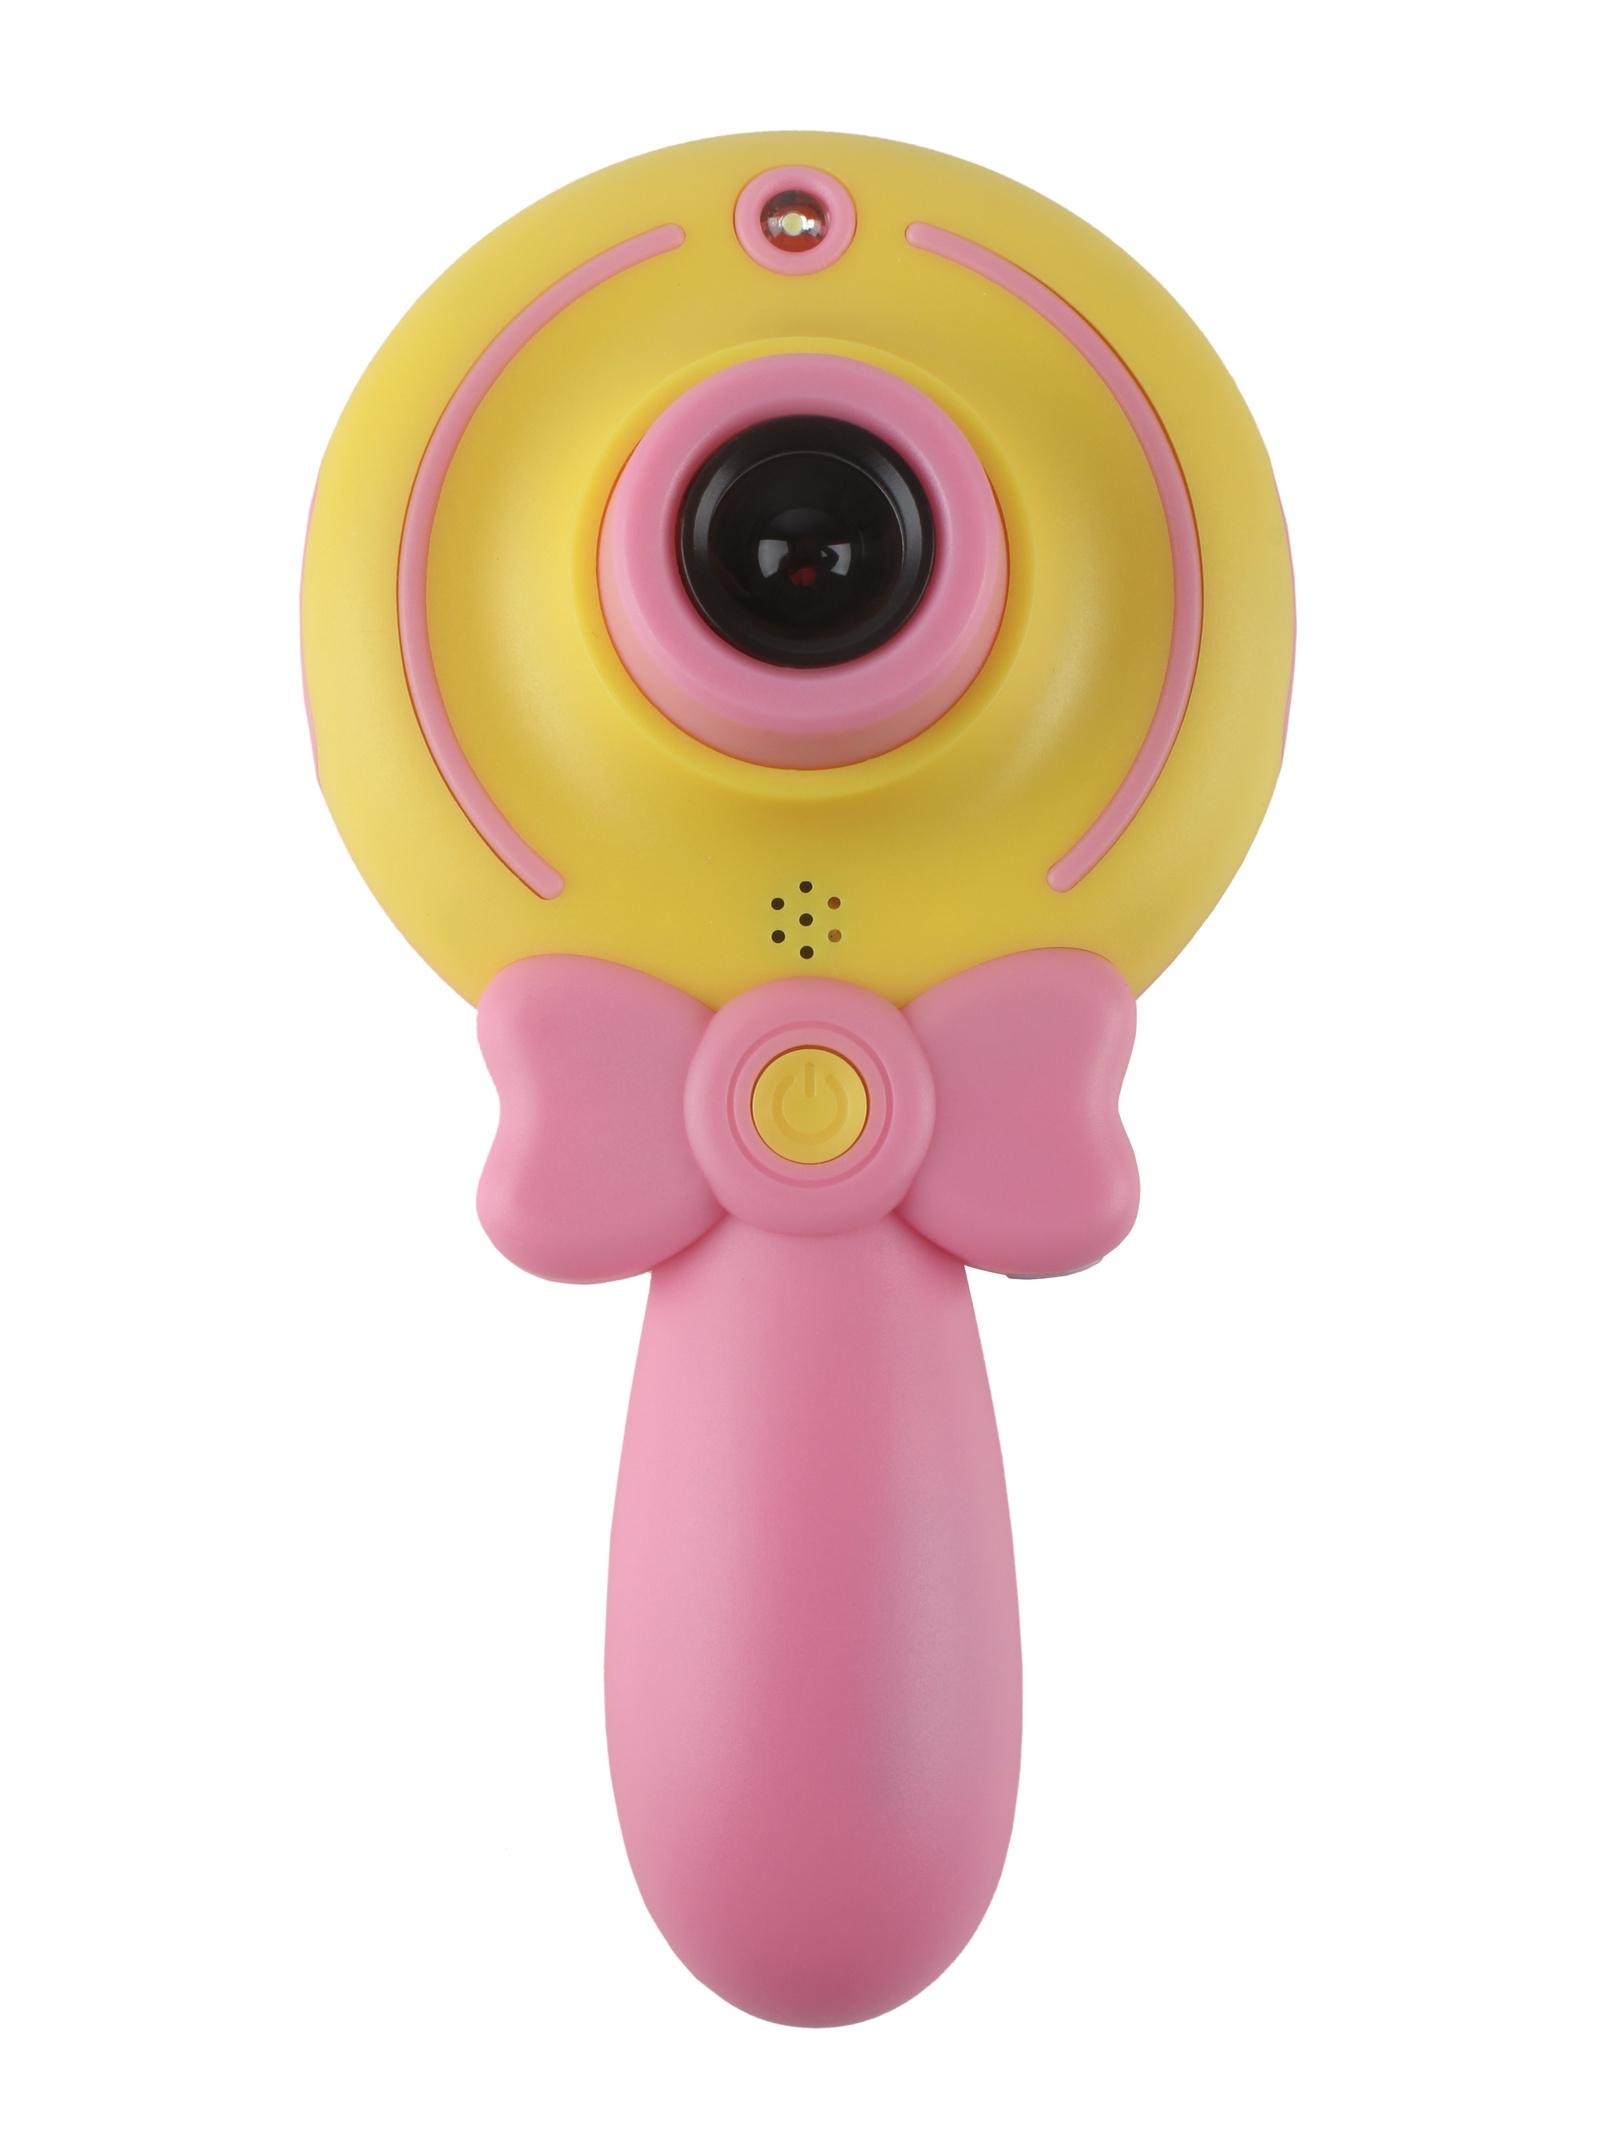 Фотоаппарат детский Волшебная палочка P345, цвет розовый/желтый